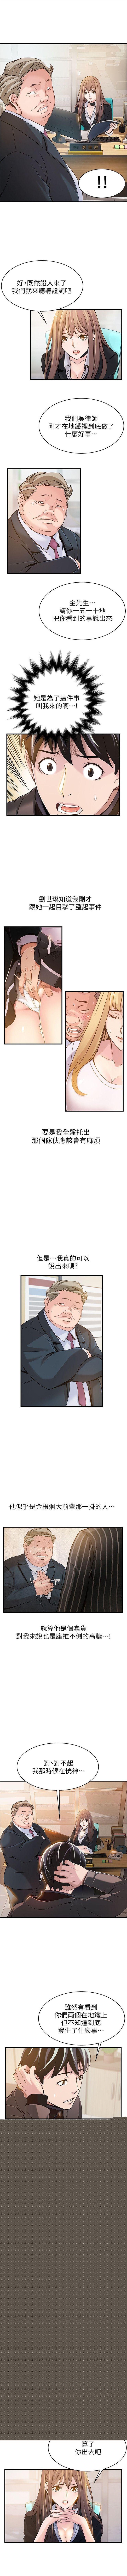 (周7)弱点 1-66 中文翻译(更新中) 30